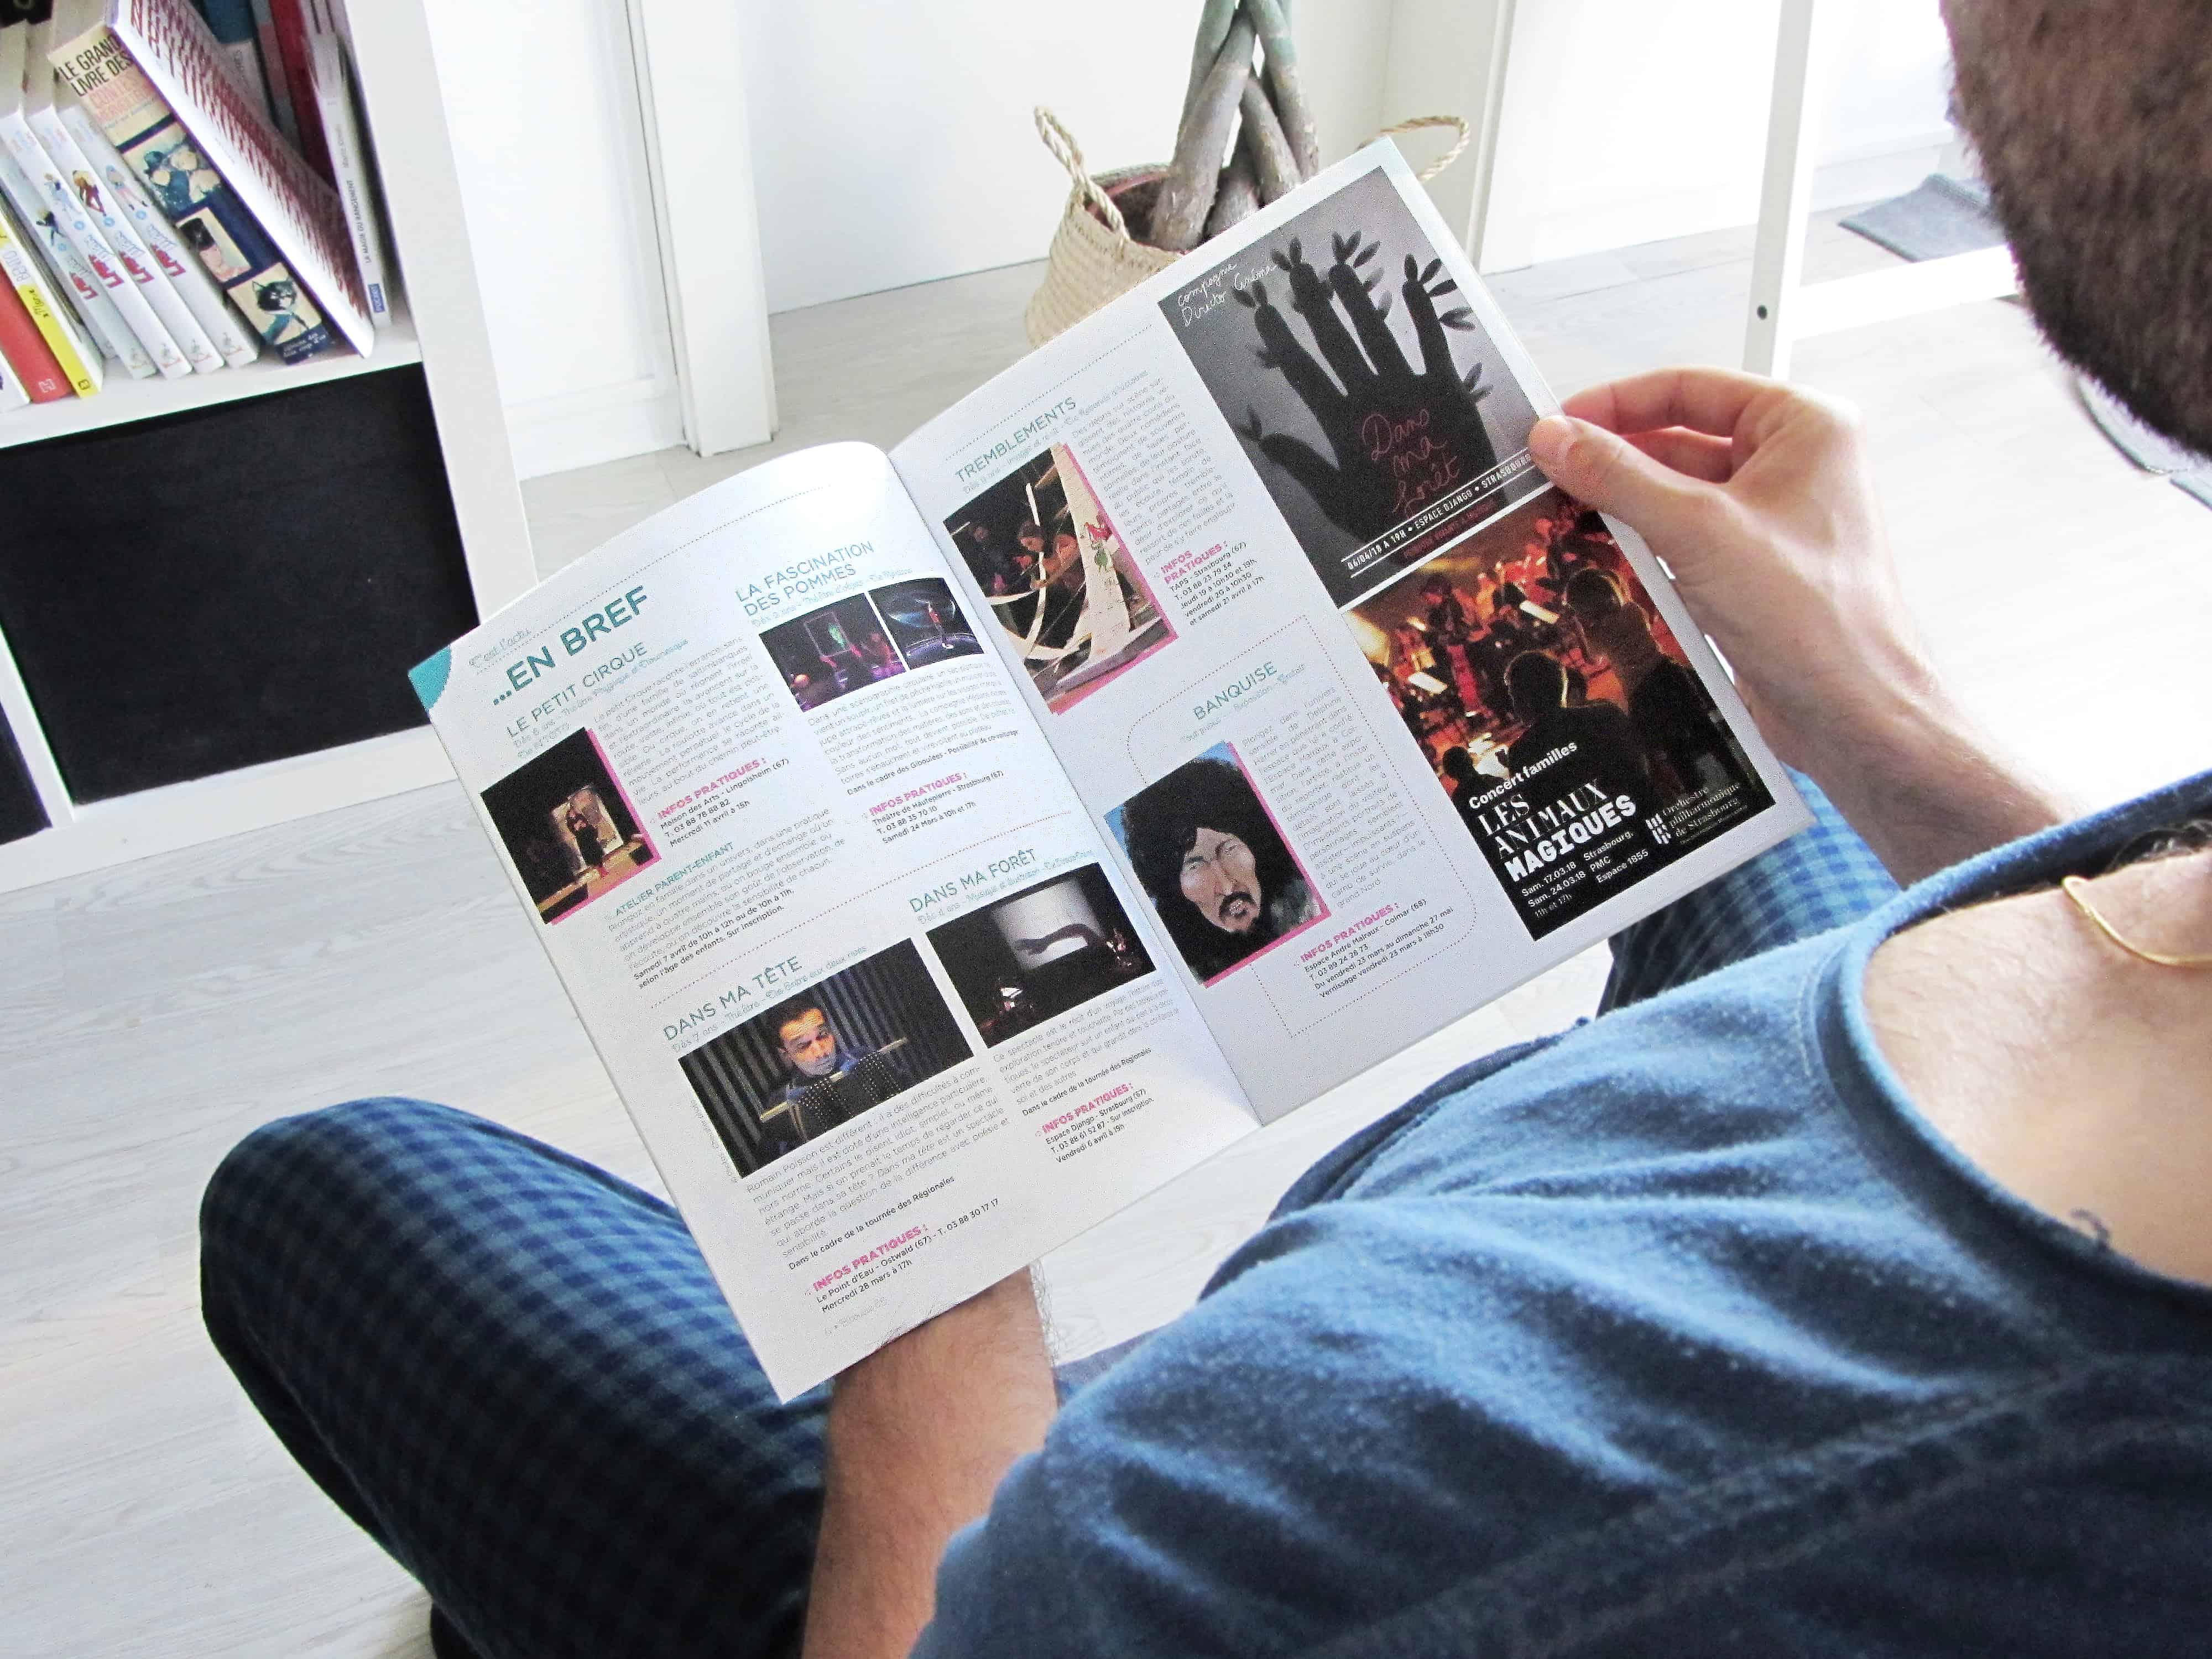 mise-en-page-de-la-rubrique-en-bref-du-magazine-bibouille-destine-aux-famille-edition-en-alsace